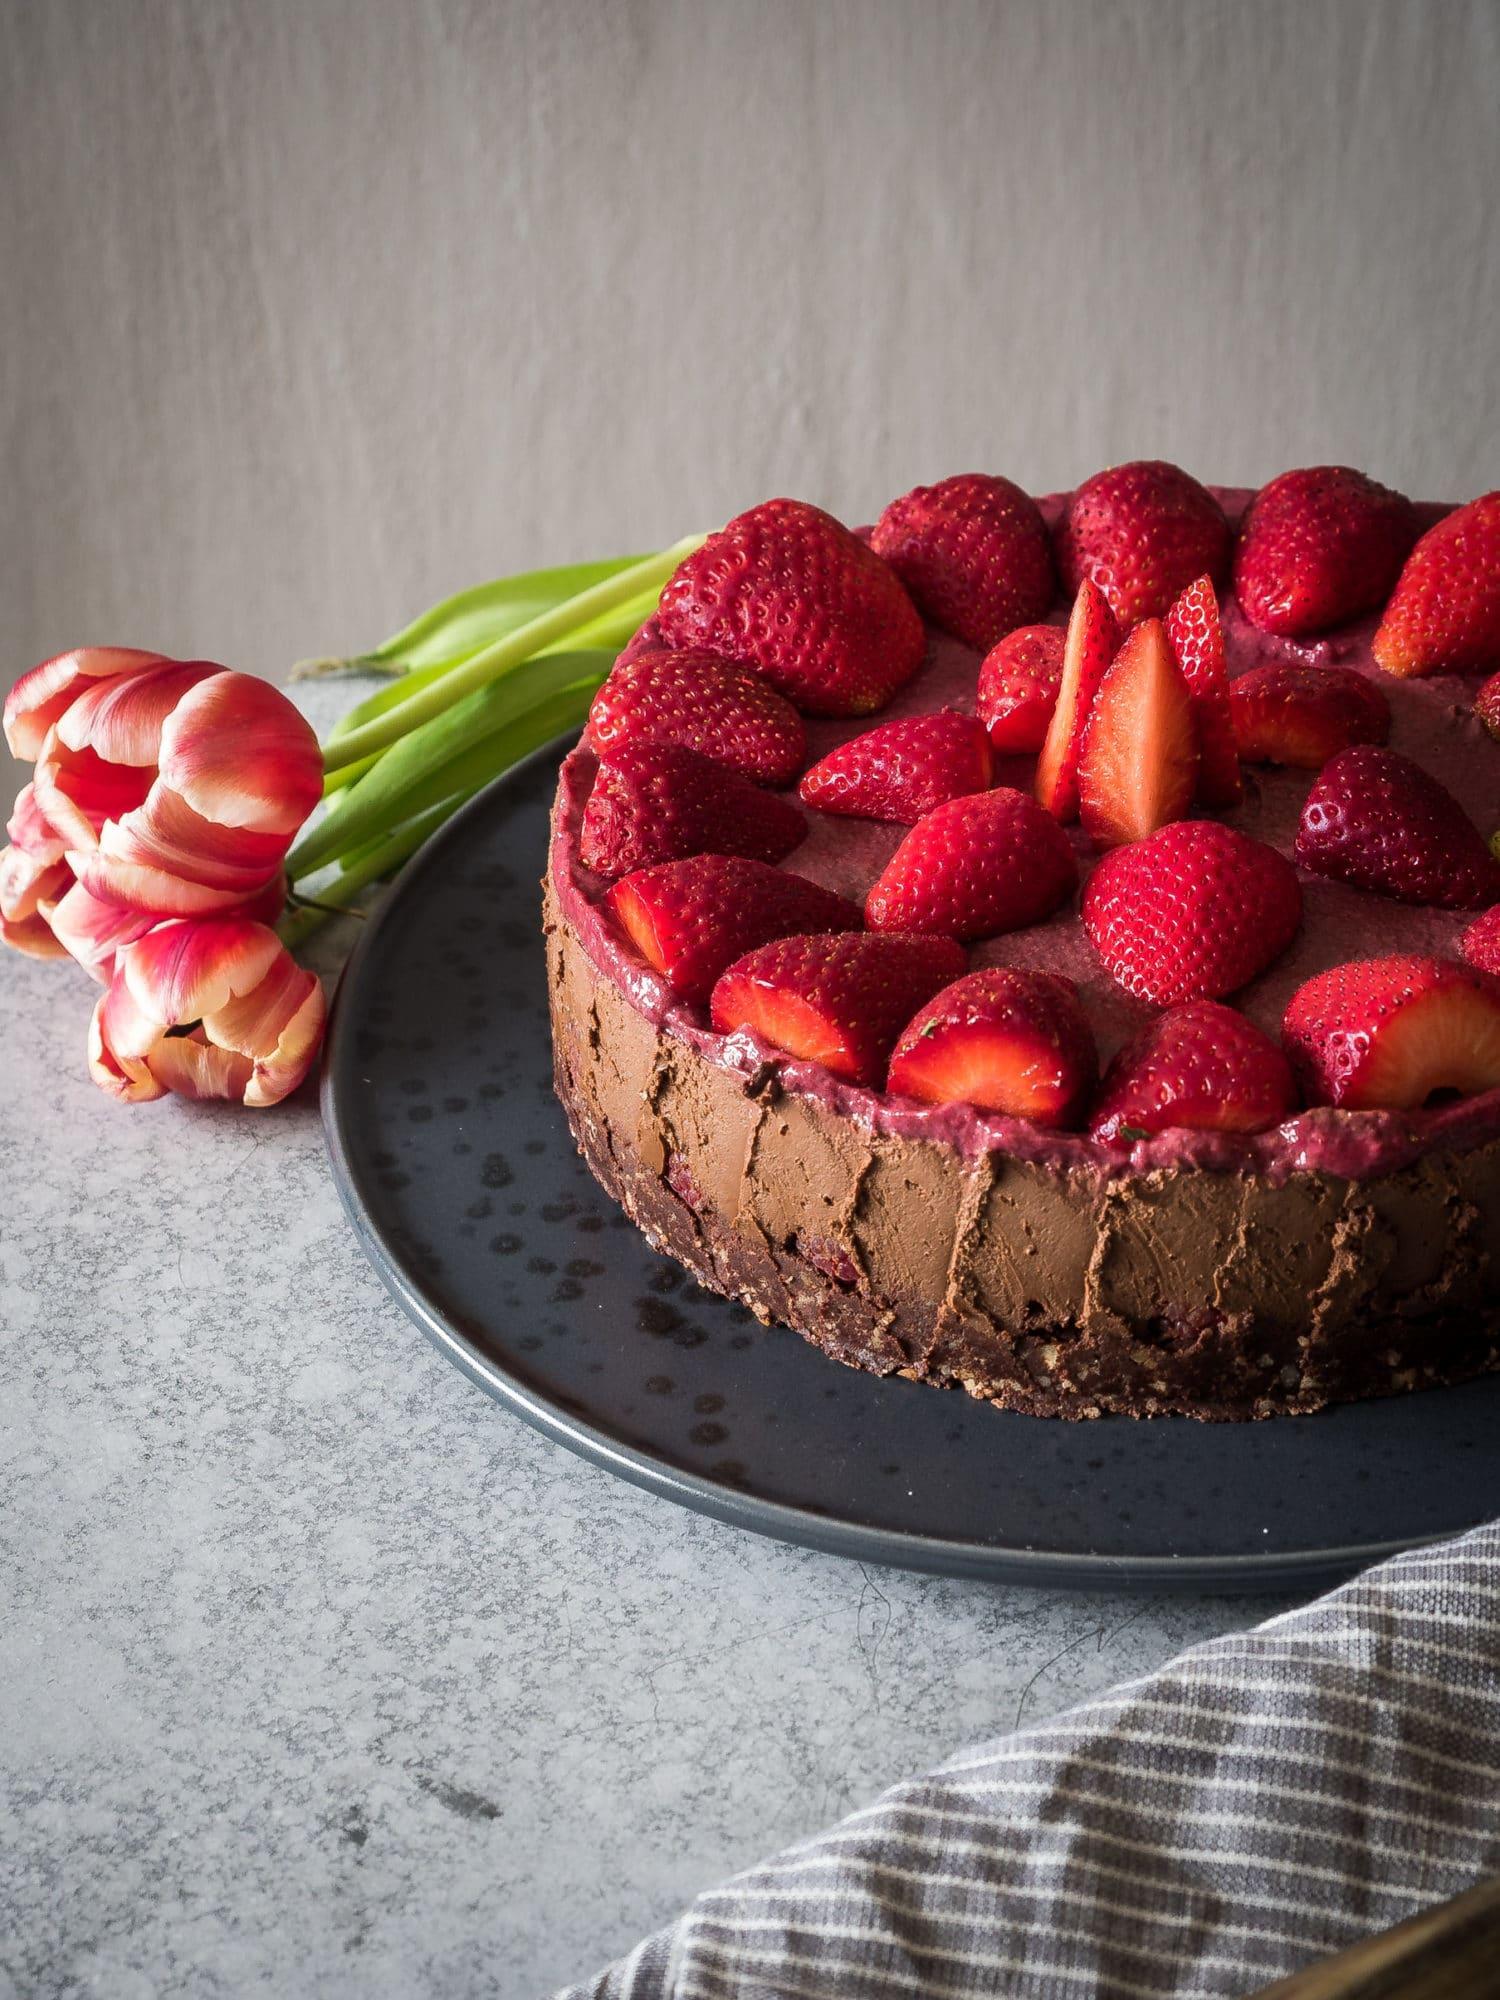 Vegane Kuchen für den Muttertag: meine Favoriten: Zartbitterer Erdbeer Schokoladen Kuchen